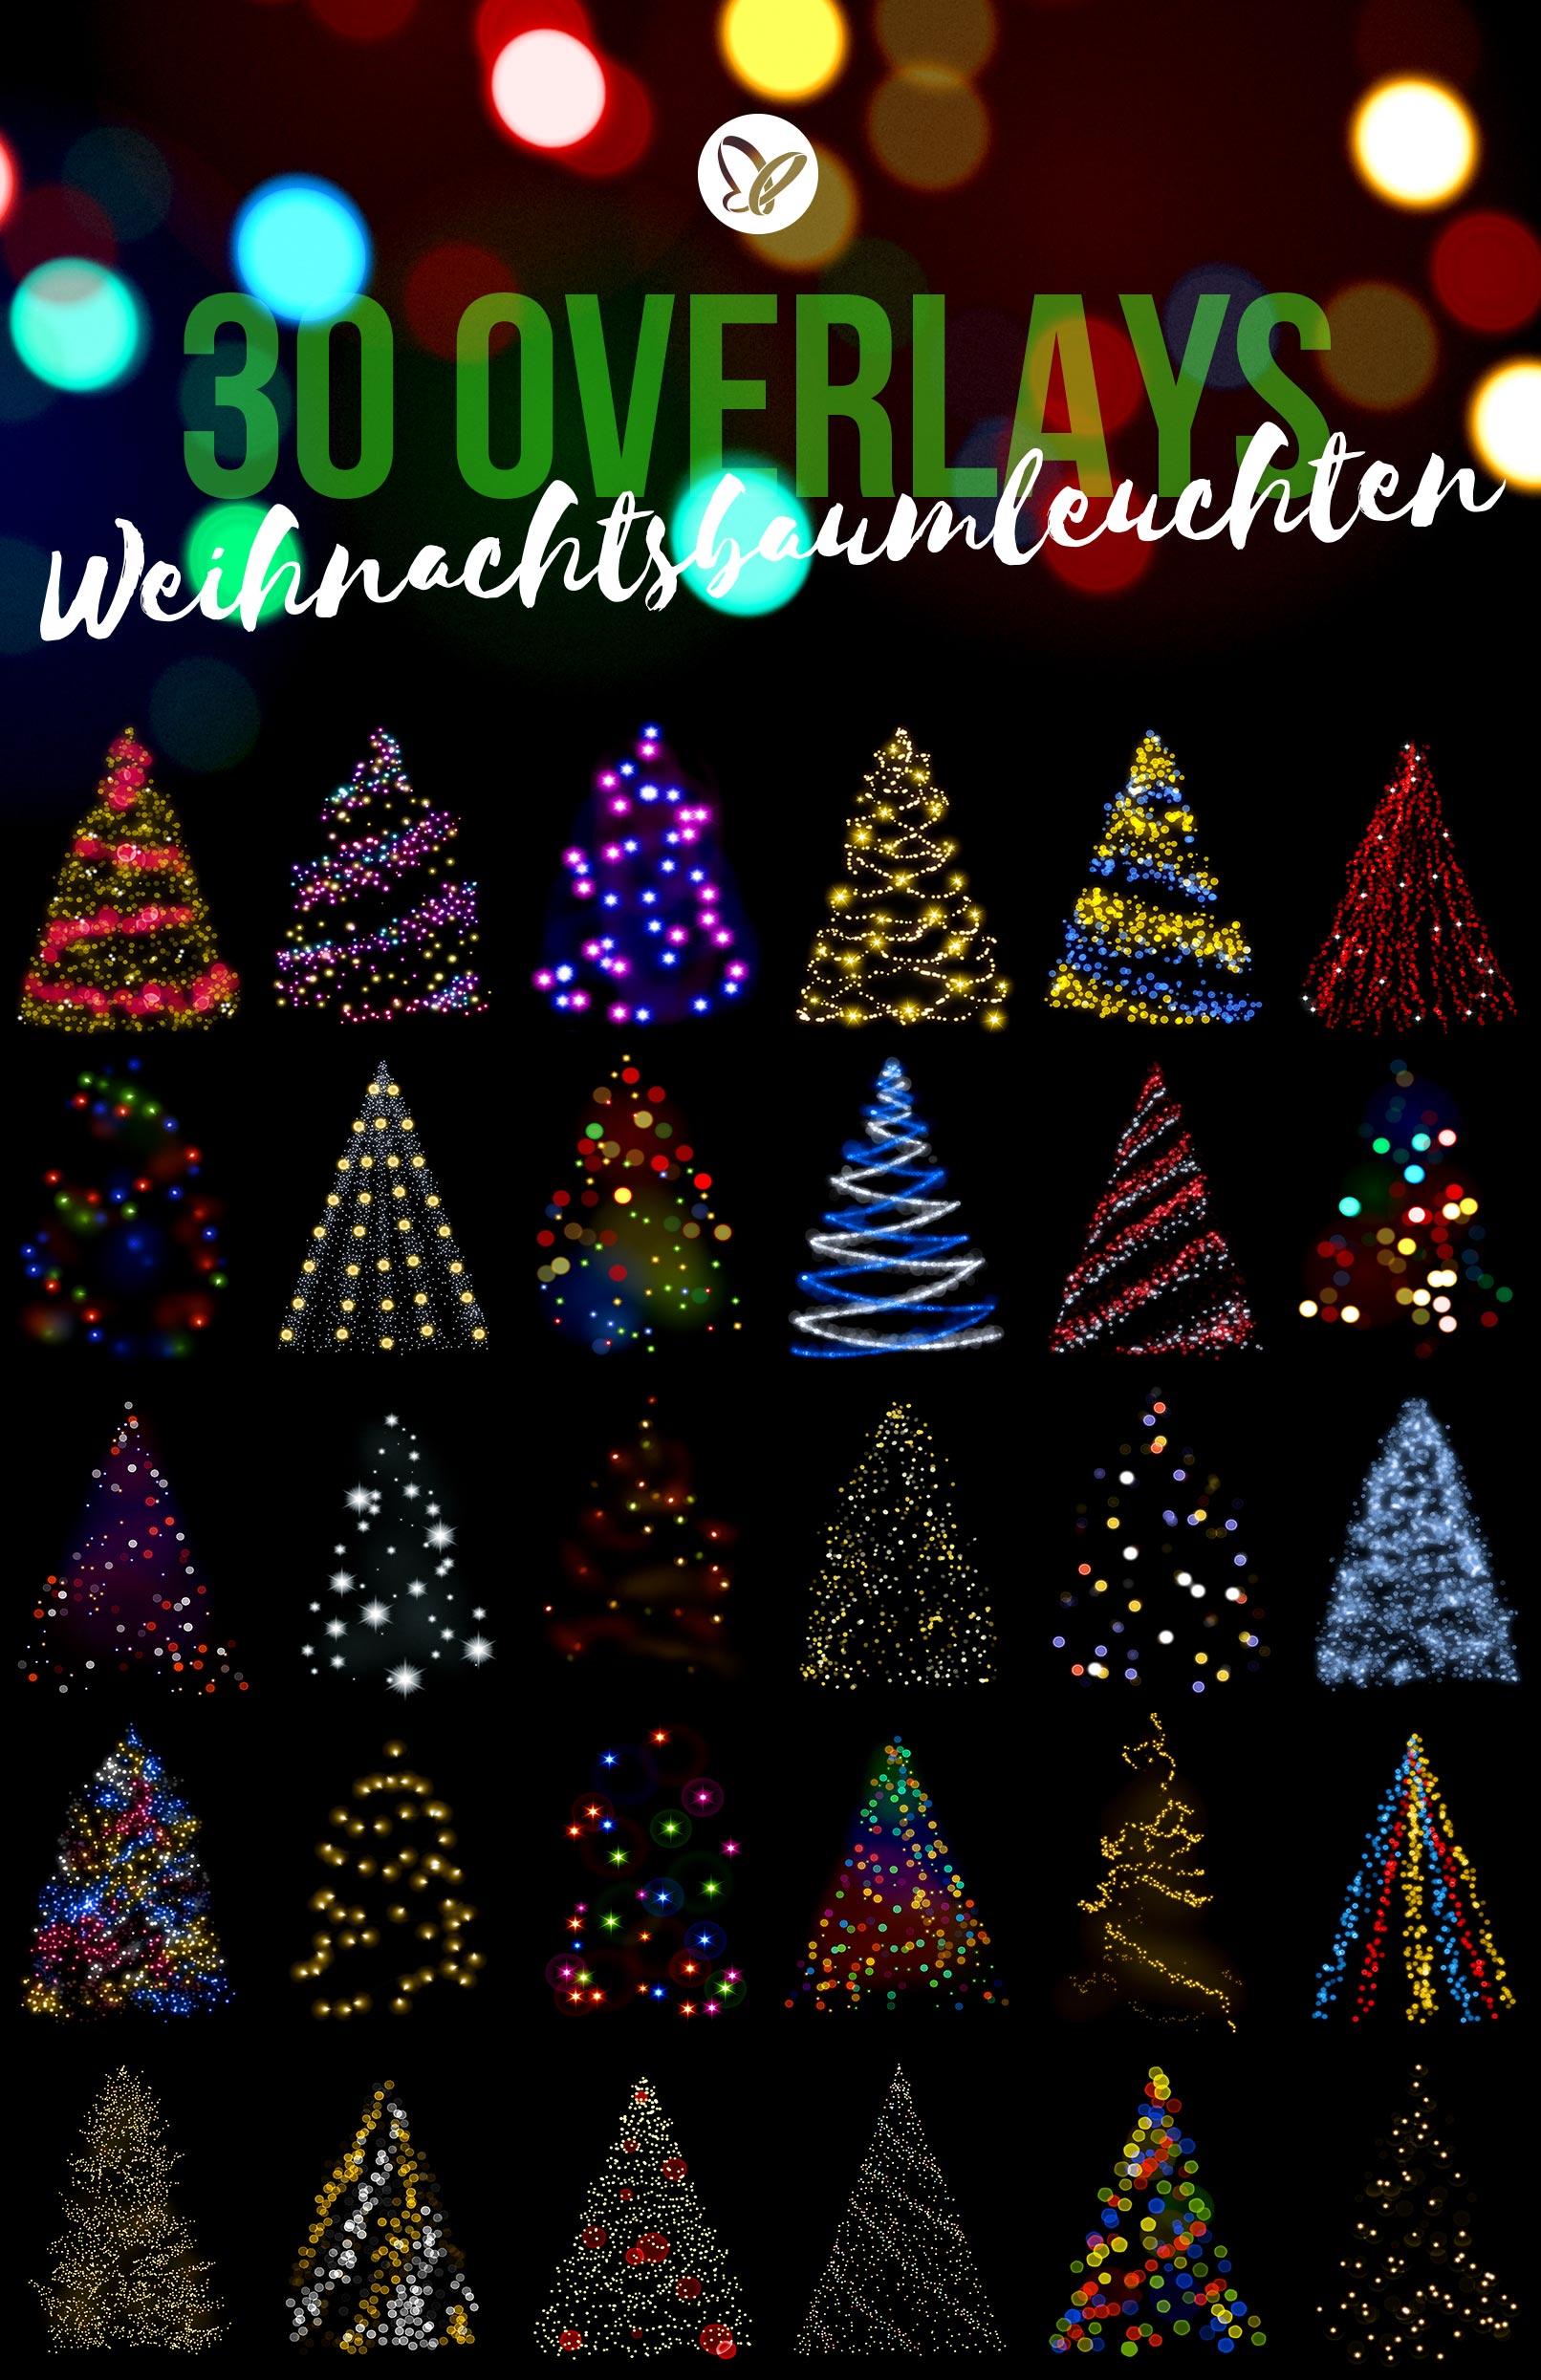 Bokeh-Overlays für ein Leuchten des Weihnachtsbaums